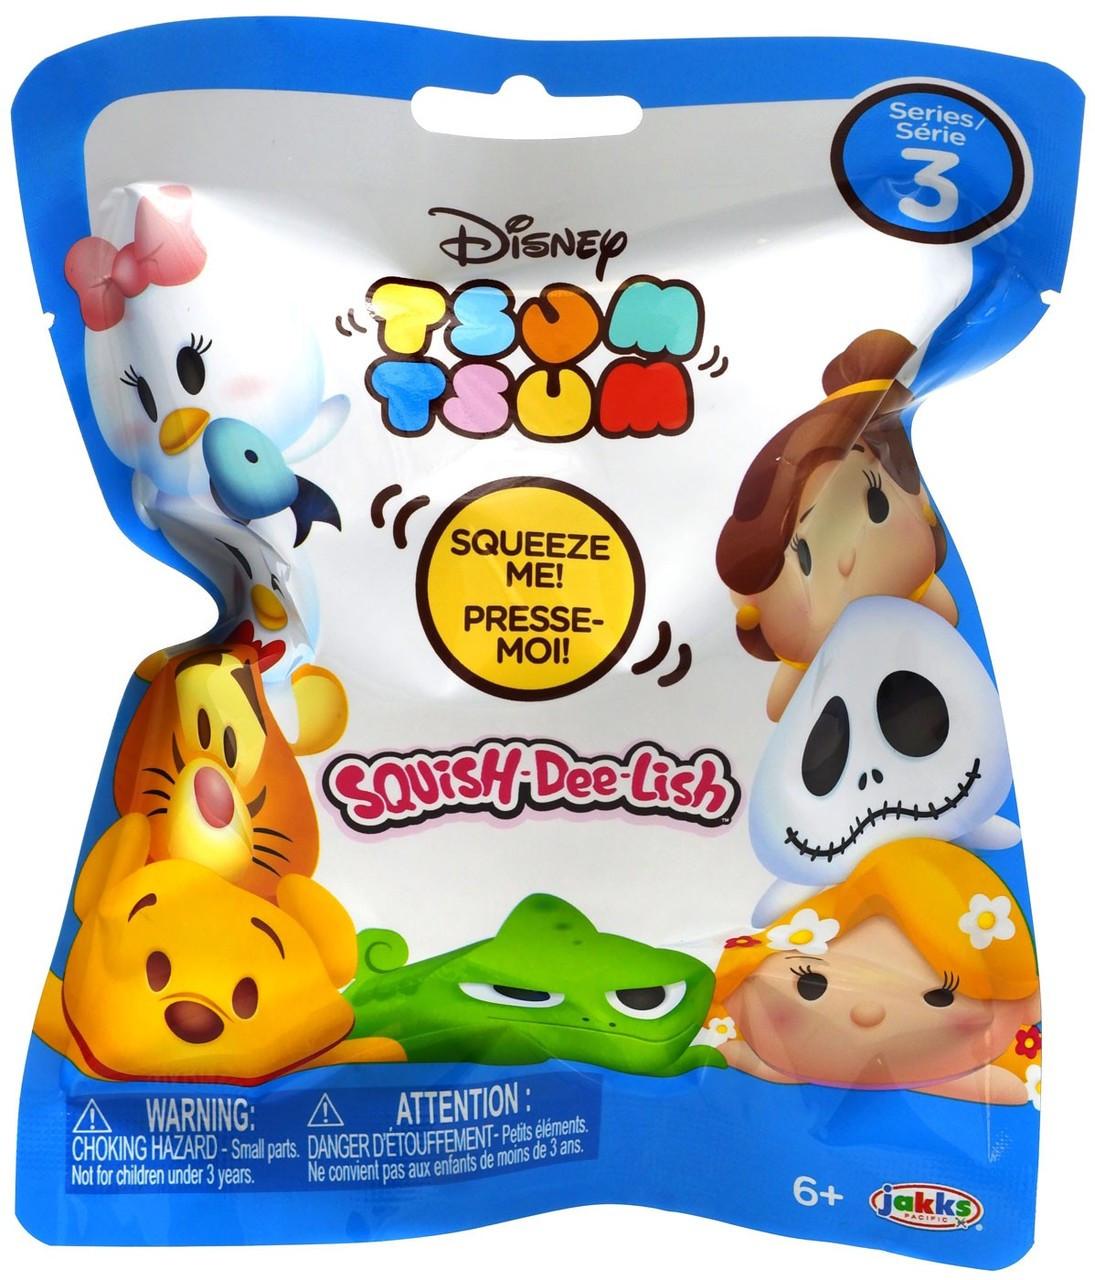 Tsum Tsum Disney Squish-Dee-Lish Series 1 Mystery Pack